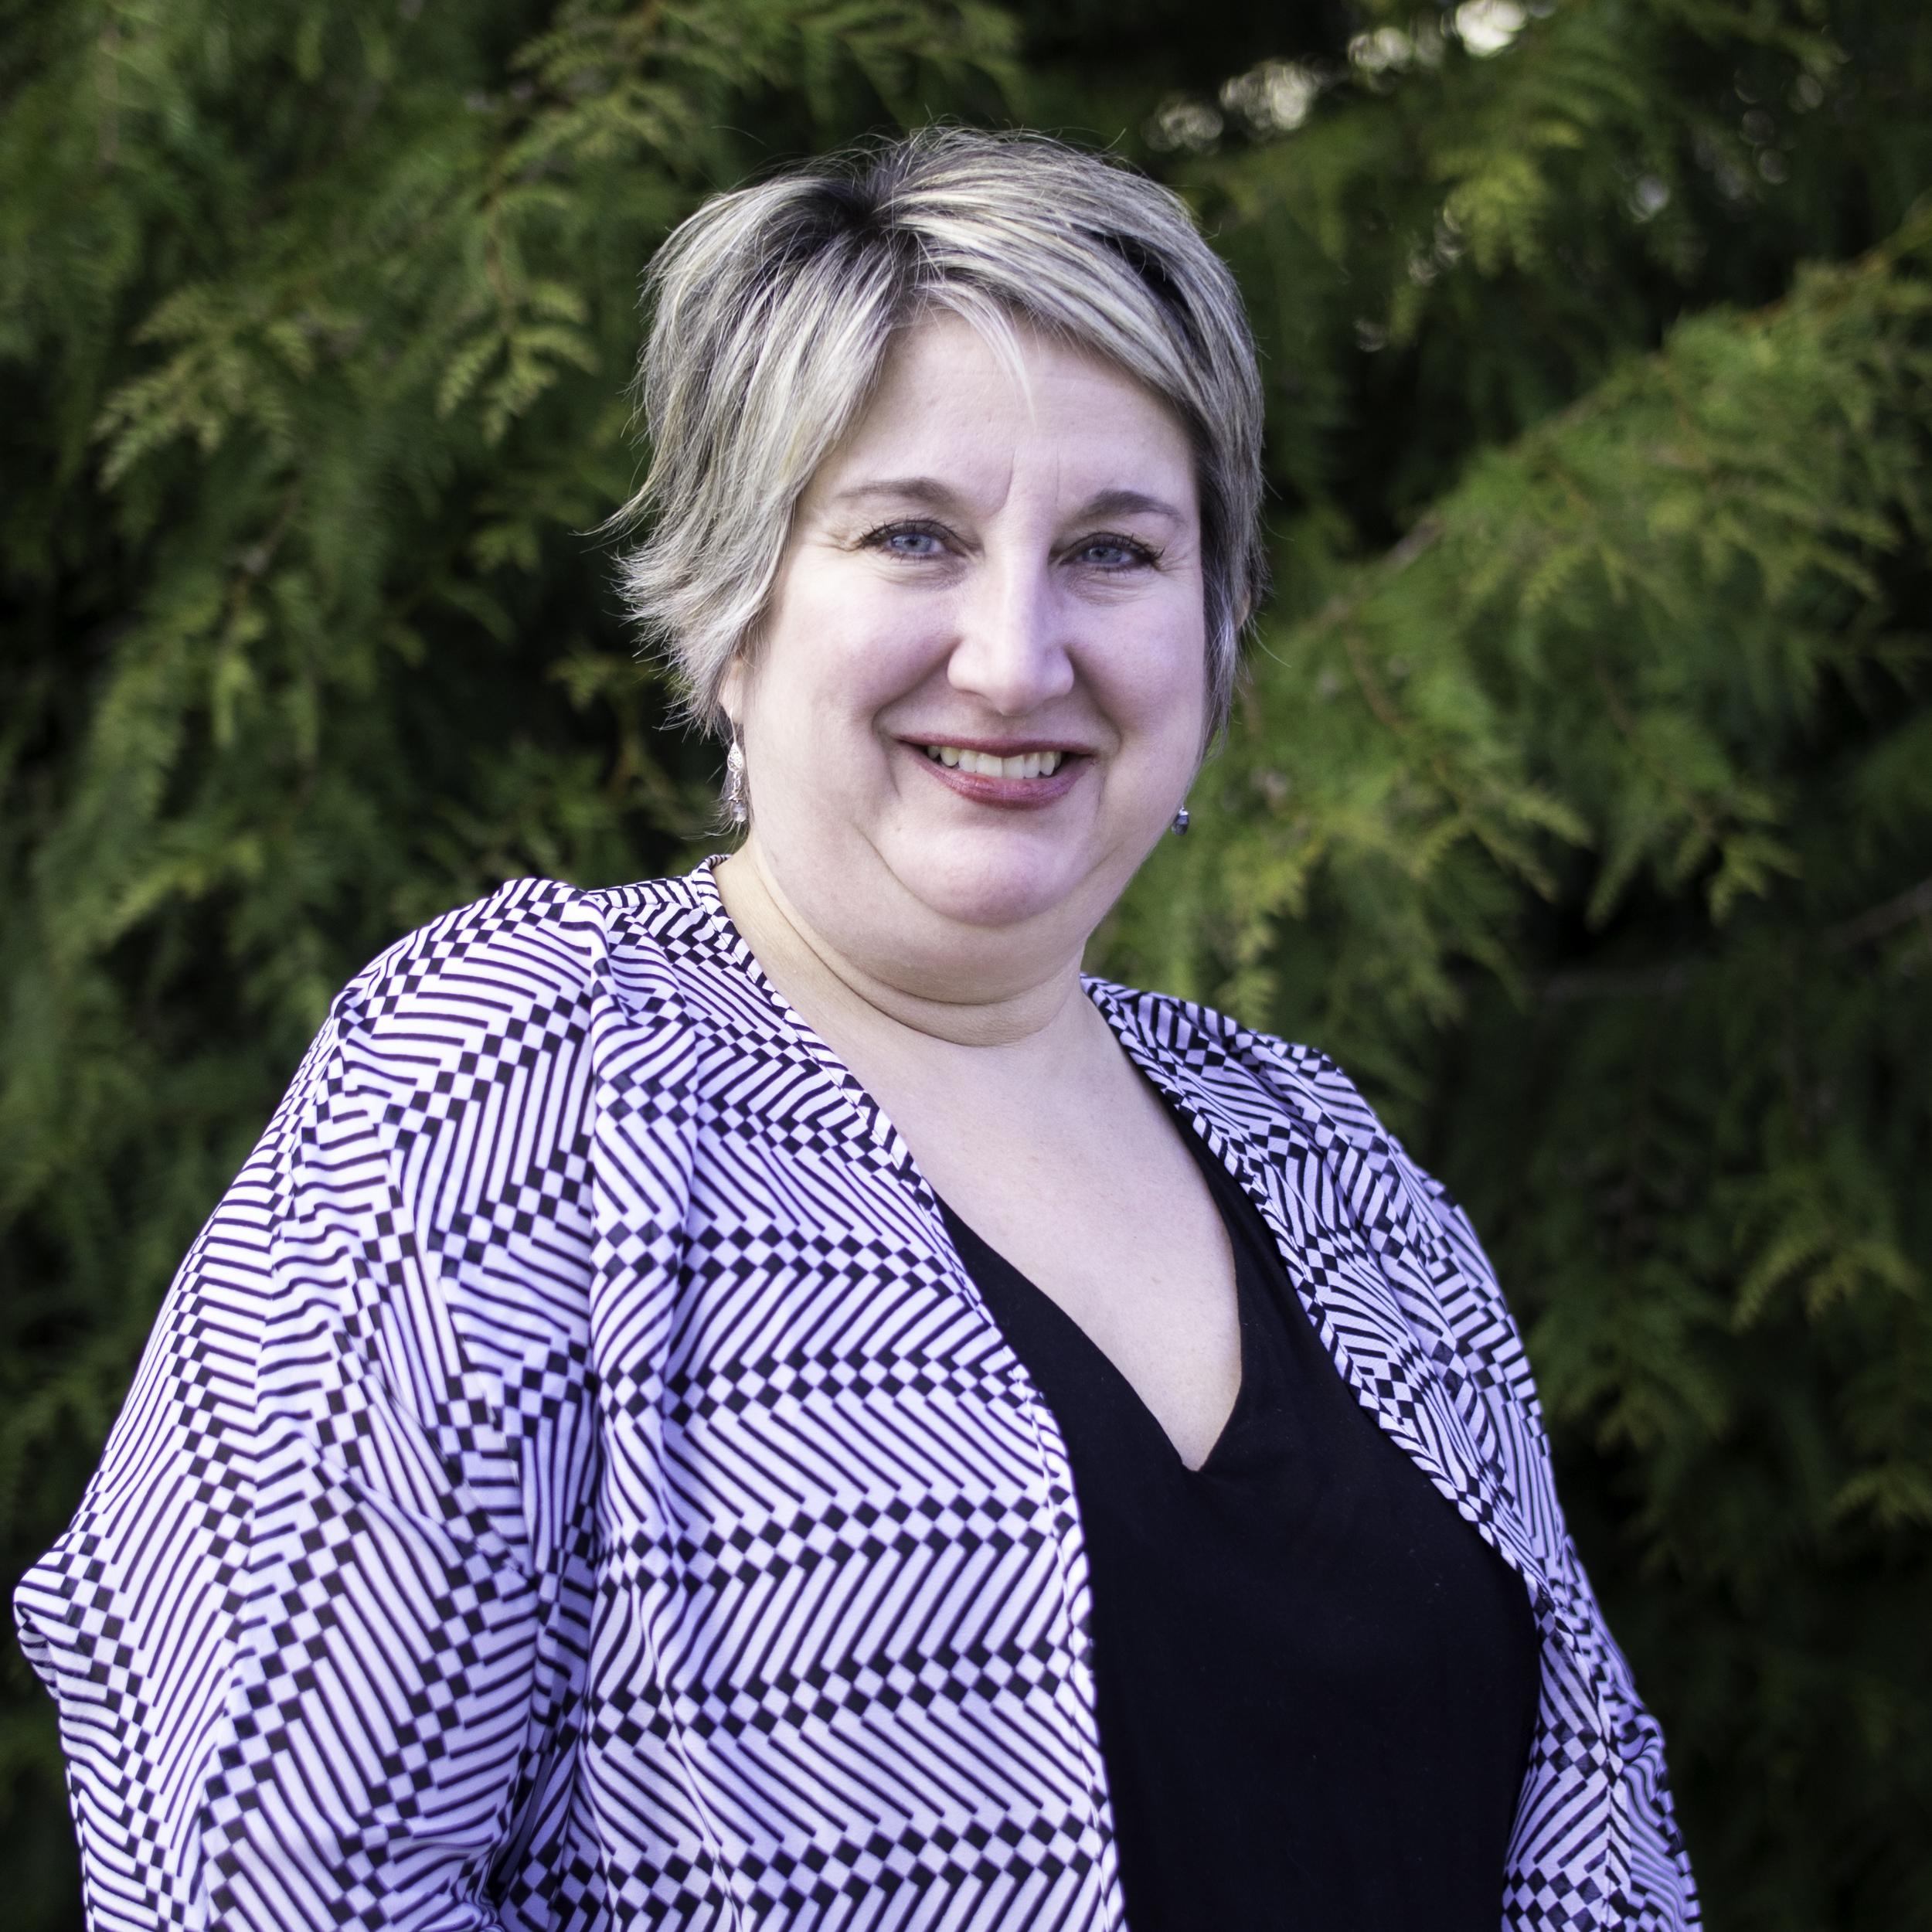 Gina Fangen